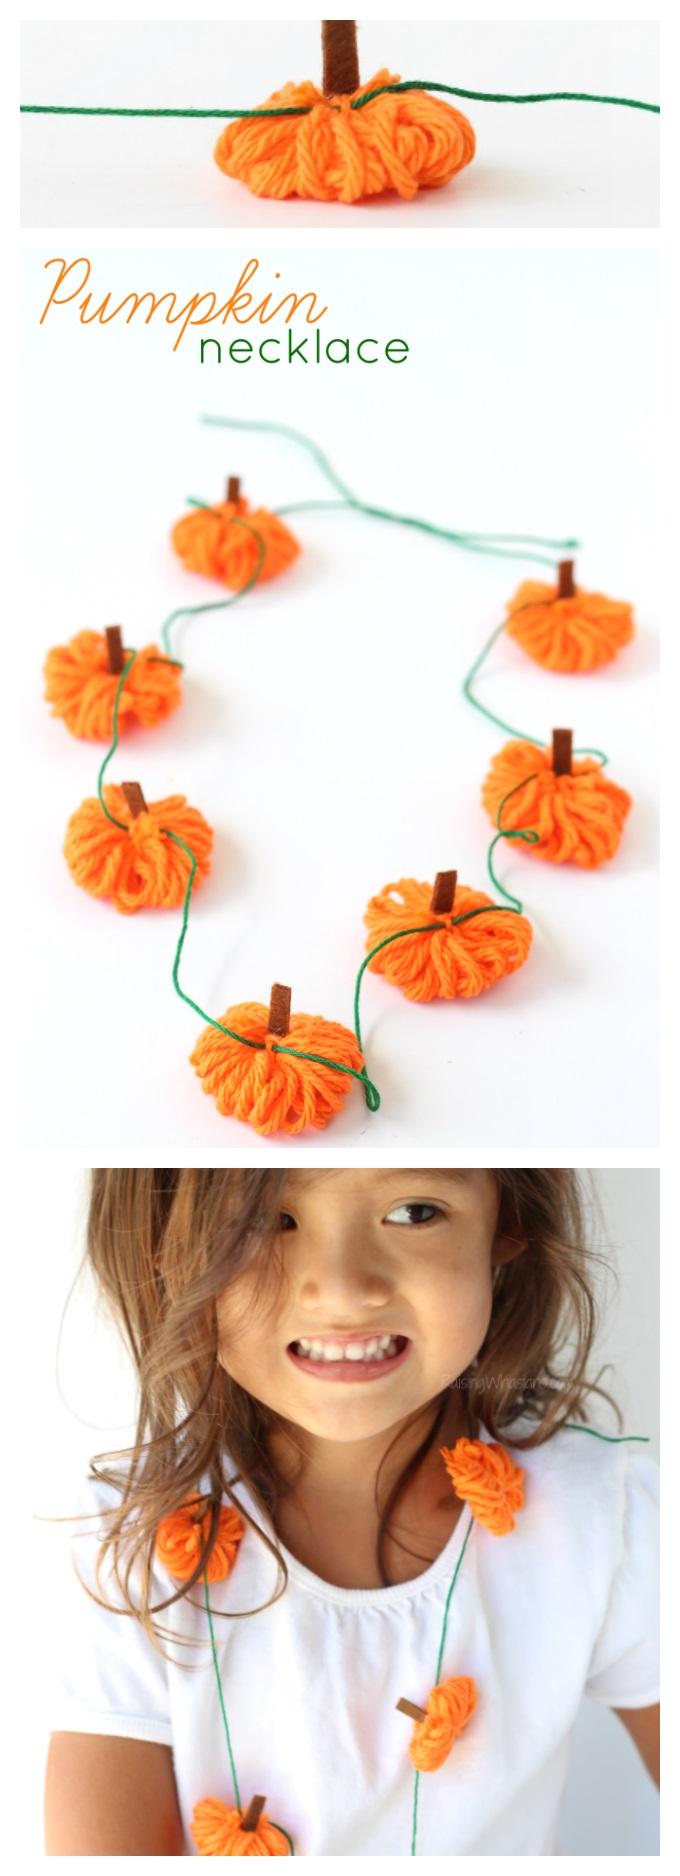 Pumpkin necklace craft pinterest